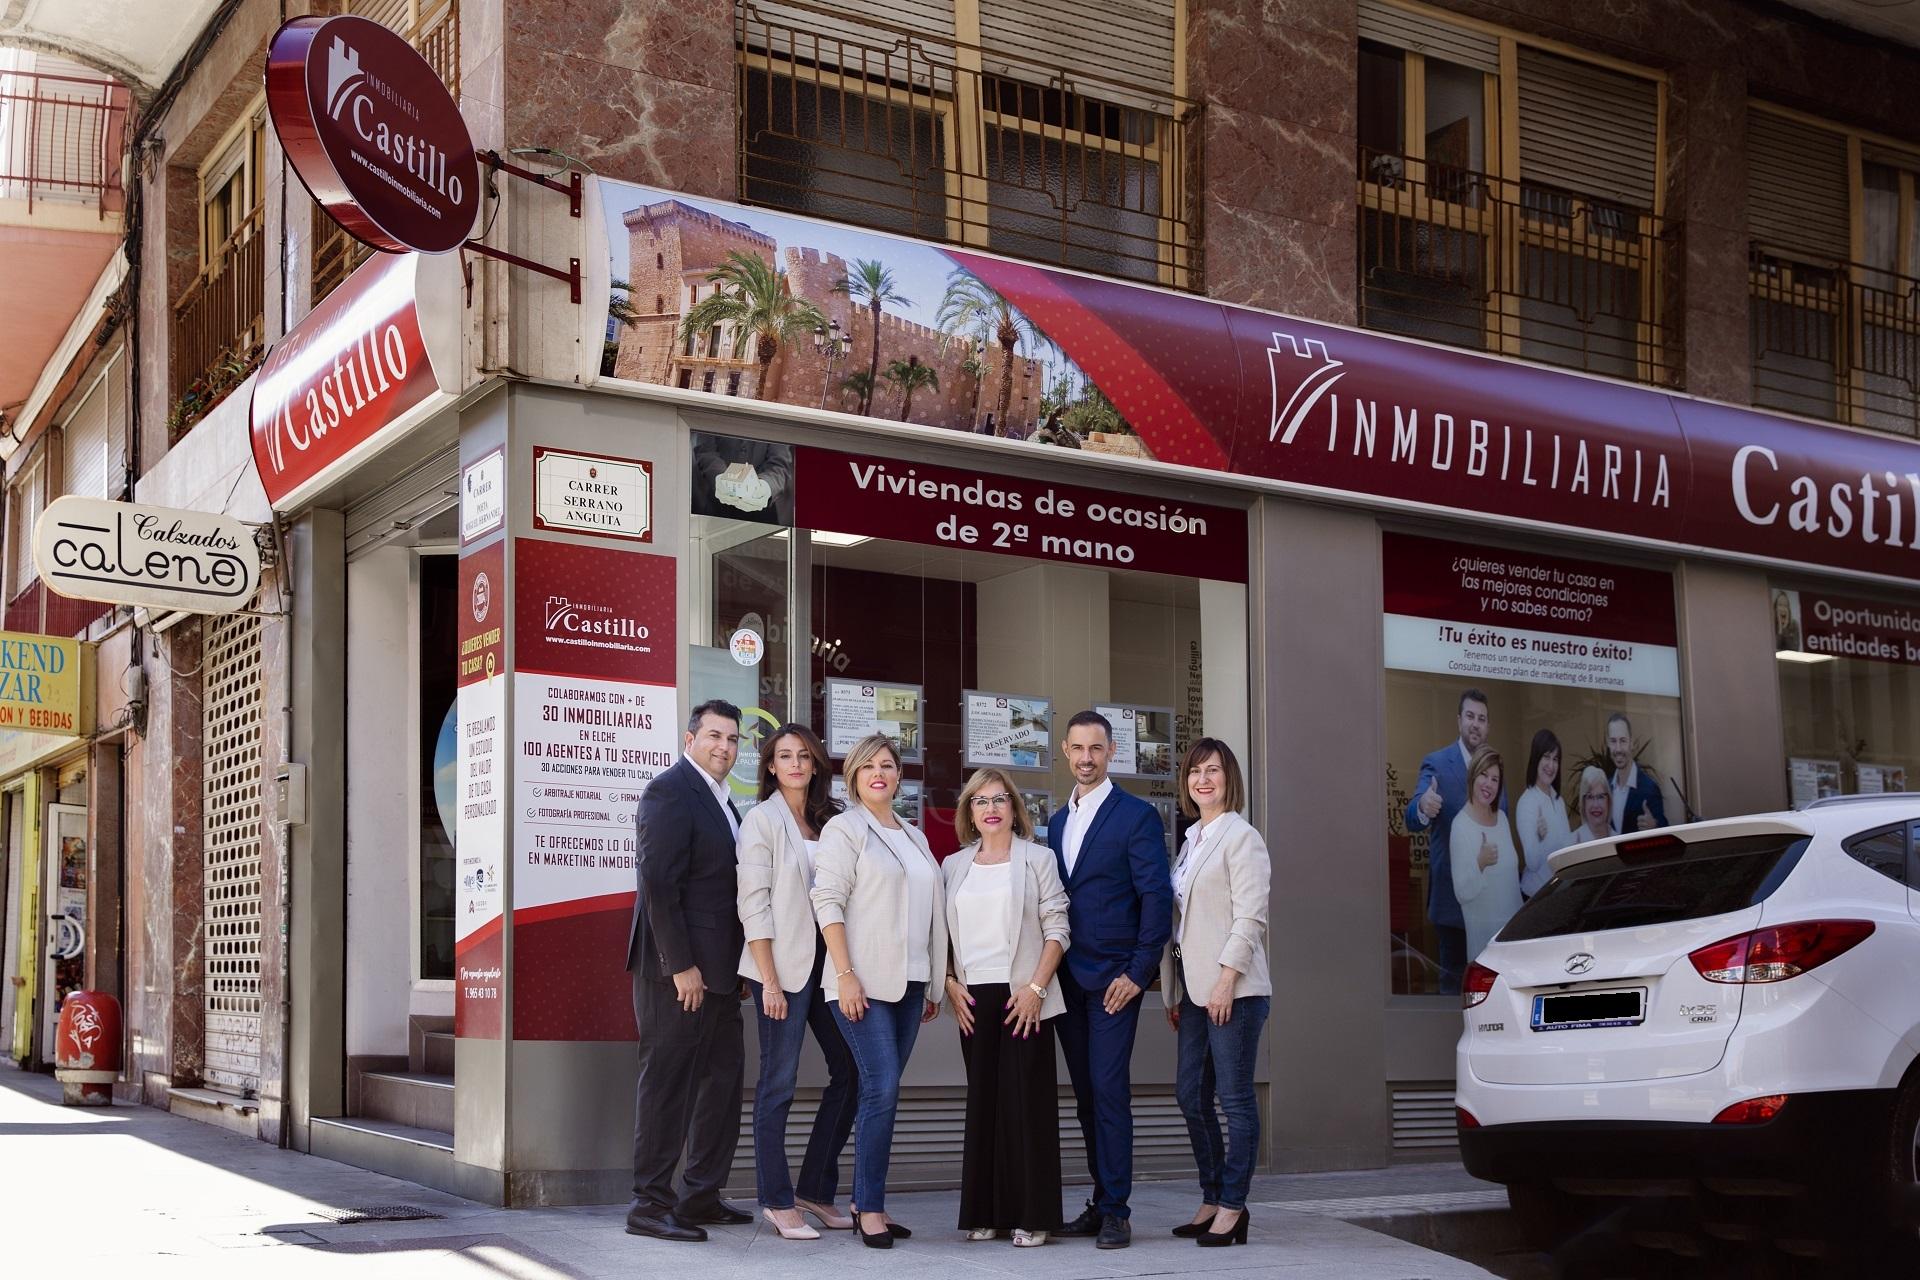 Inmobiliaria Castillo Elche - Venta y alquiler de pisos en Elche